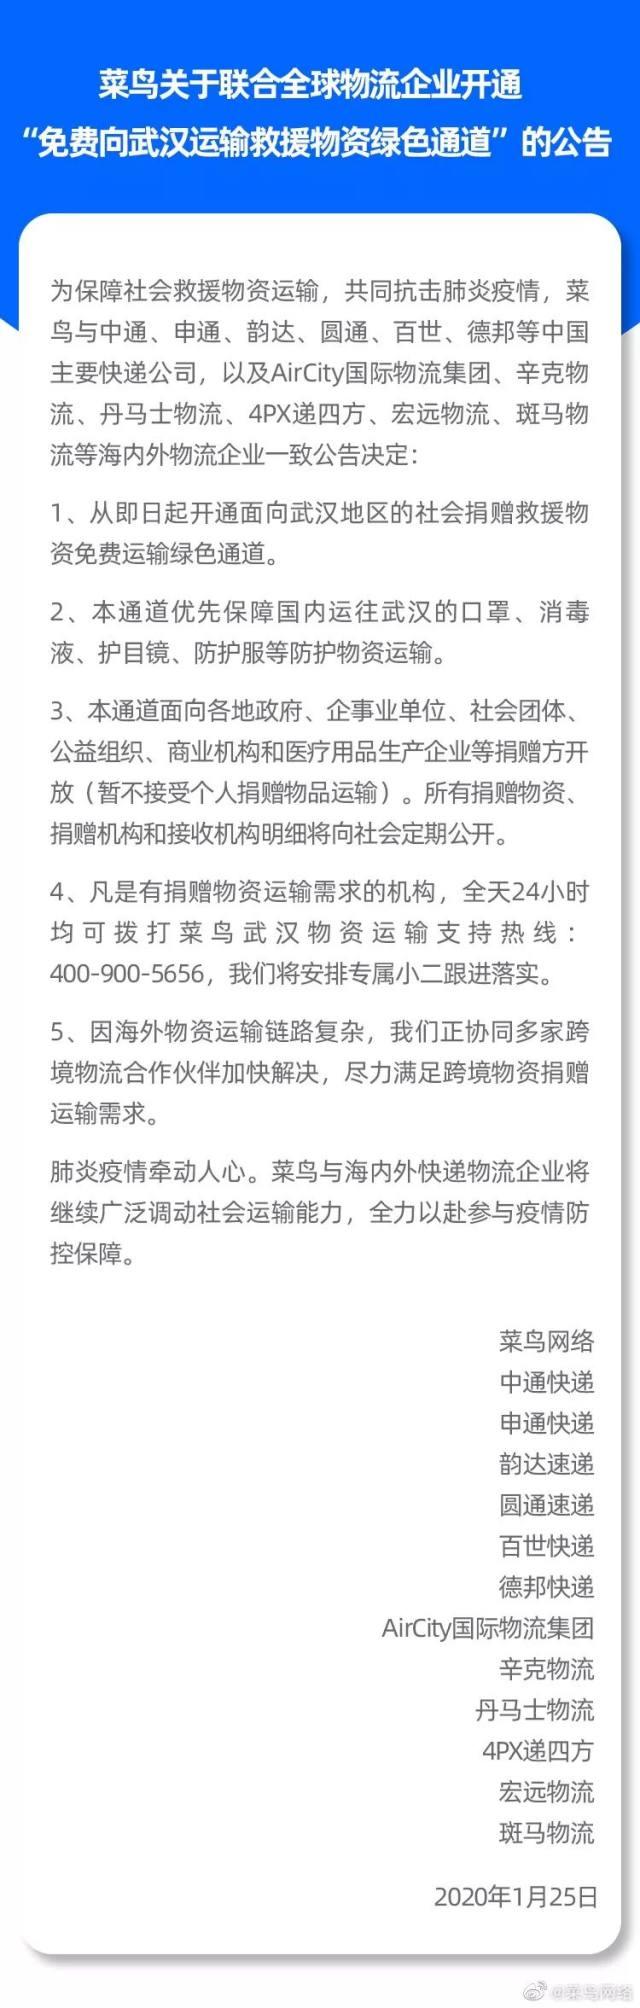 全国 469 家医院防疫物资官方求助信息汇总(持续更新中)